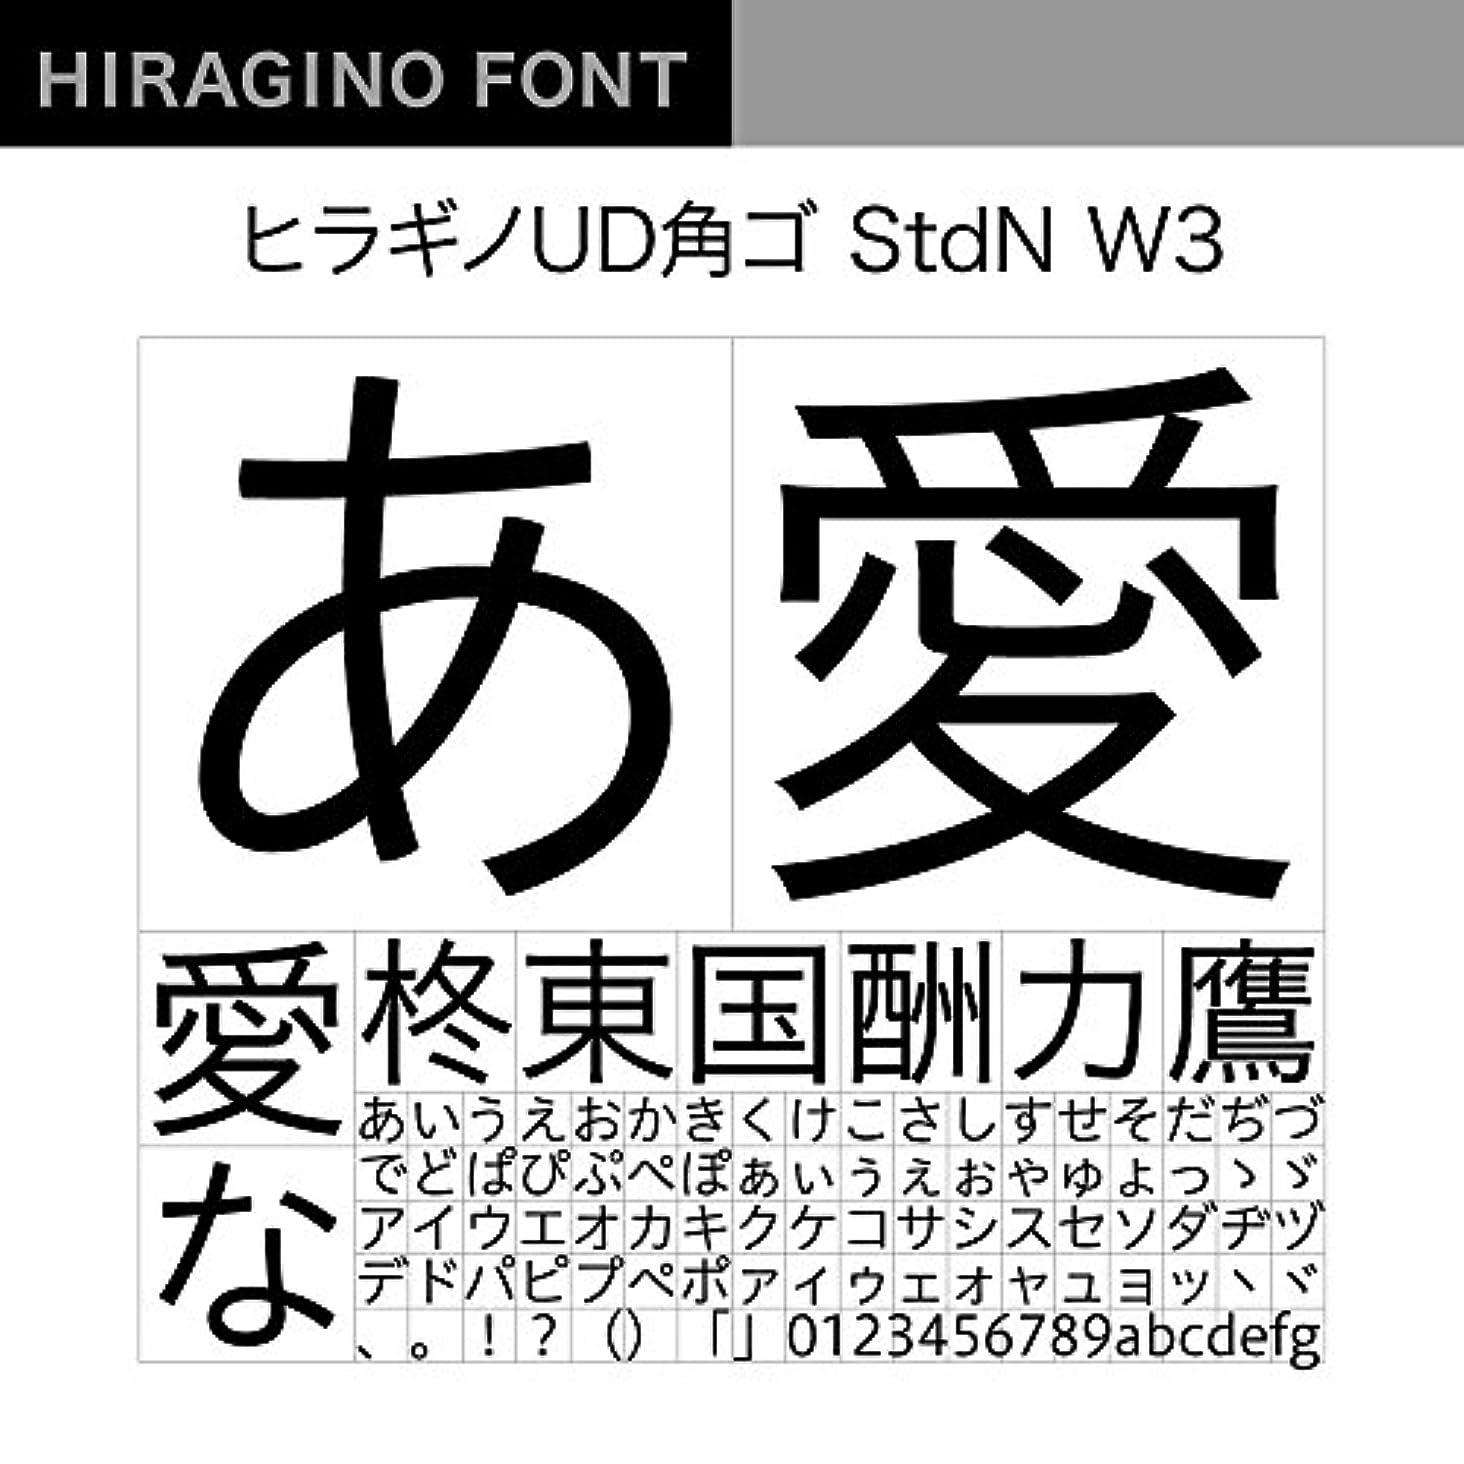 OpenType ヒラギノUD角ゴ StdN W3 [ダウンロード]